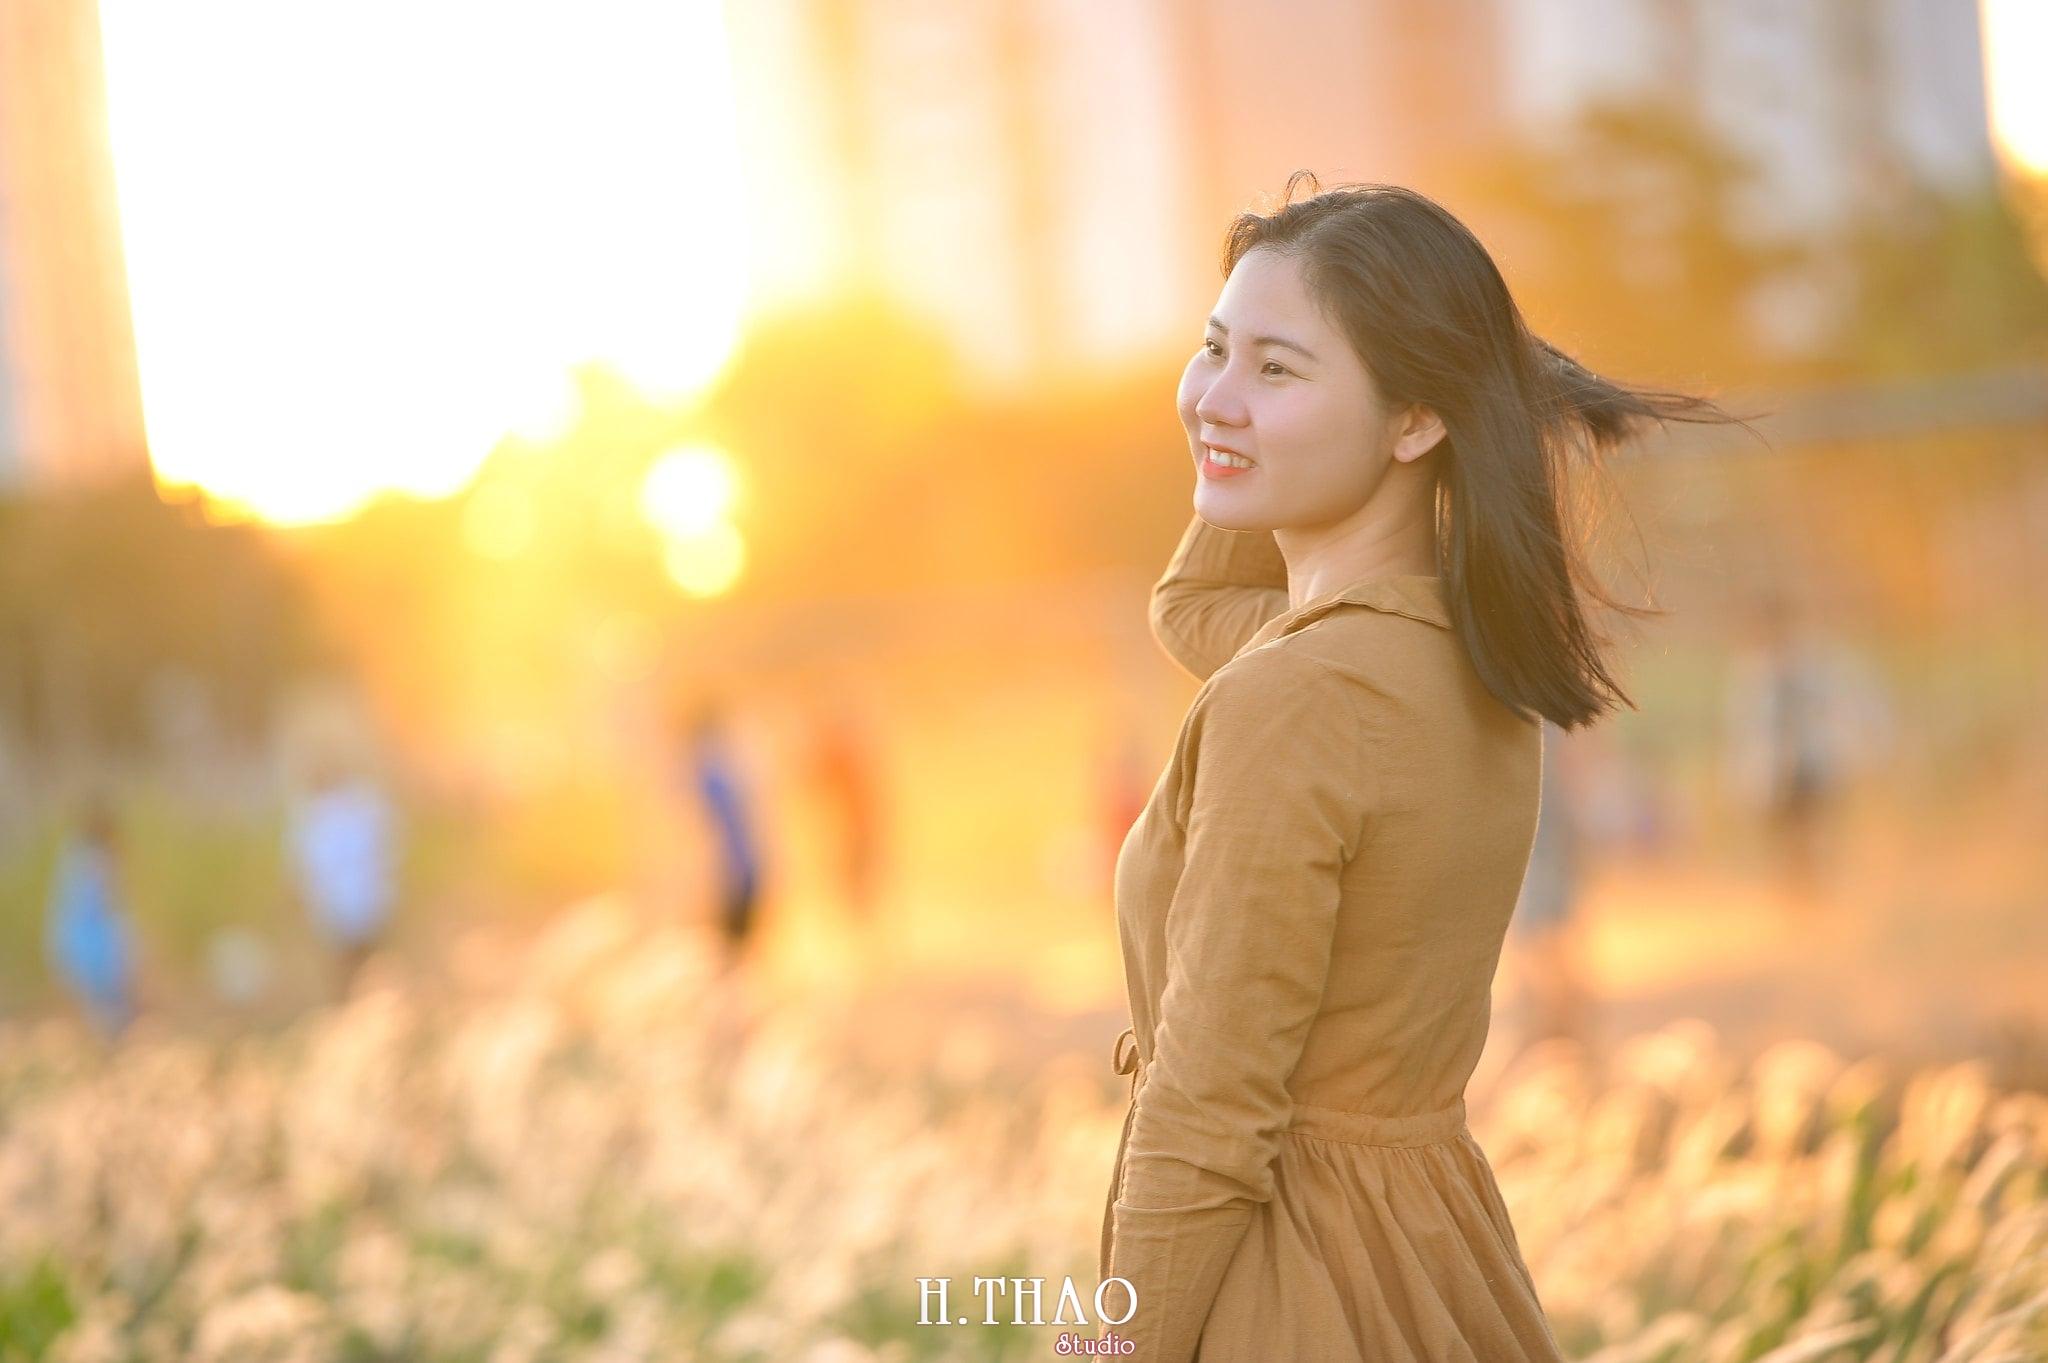 Co lau quan 9 9 min - Góc ảnh cỏ lau quận 2 tuyệt đẹp với nắng chiều - HThao Studio